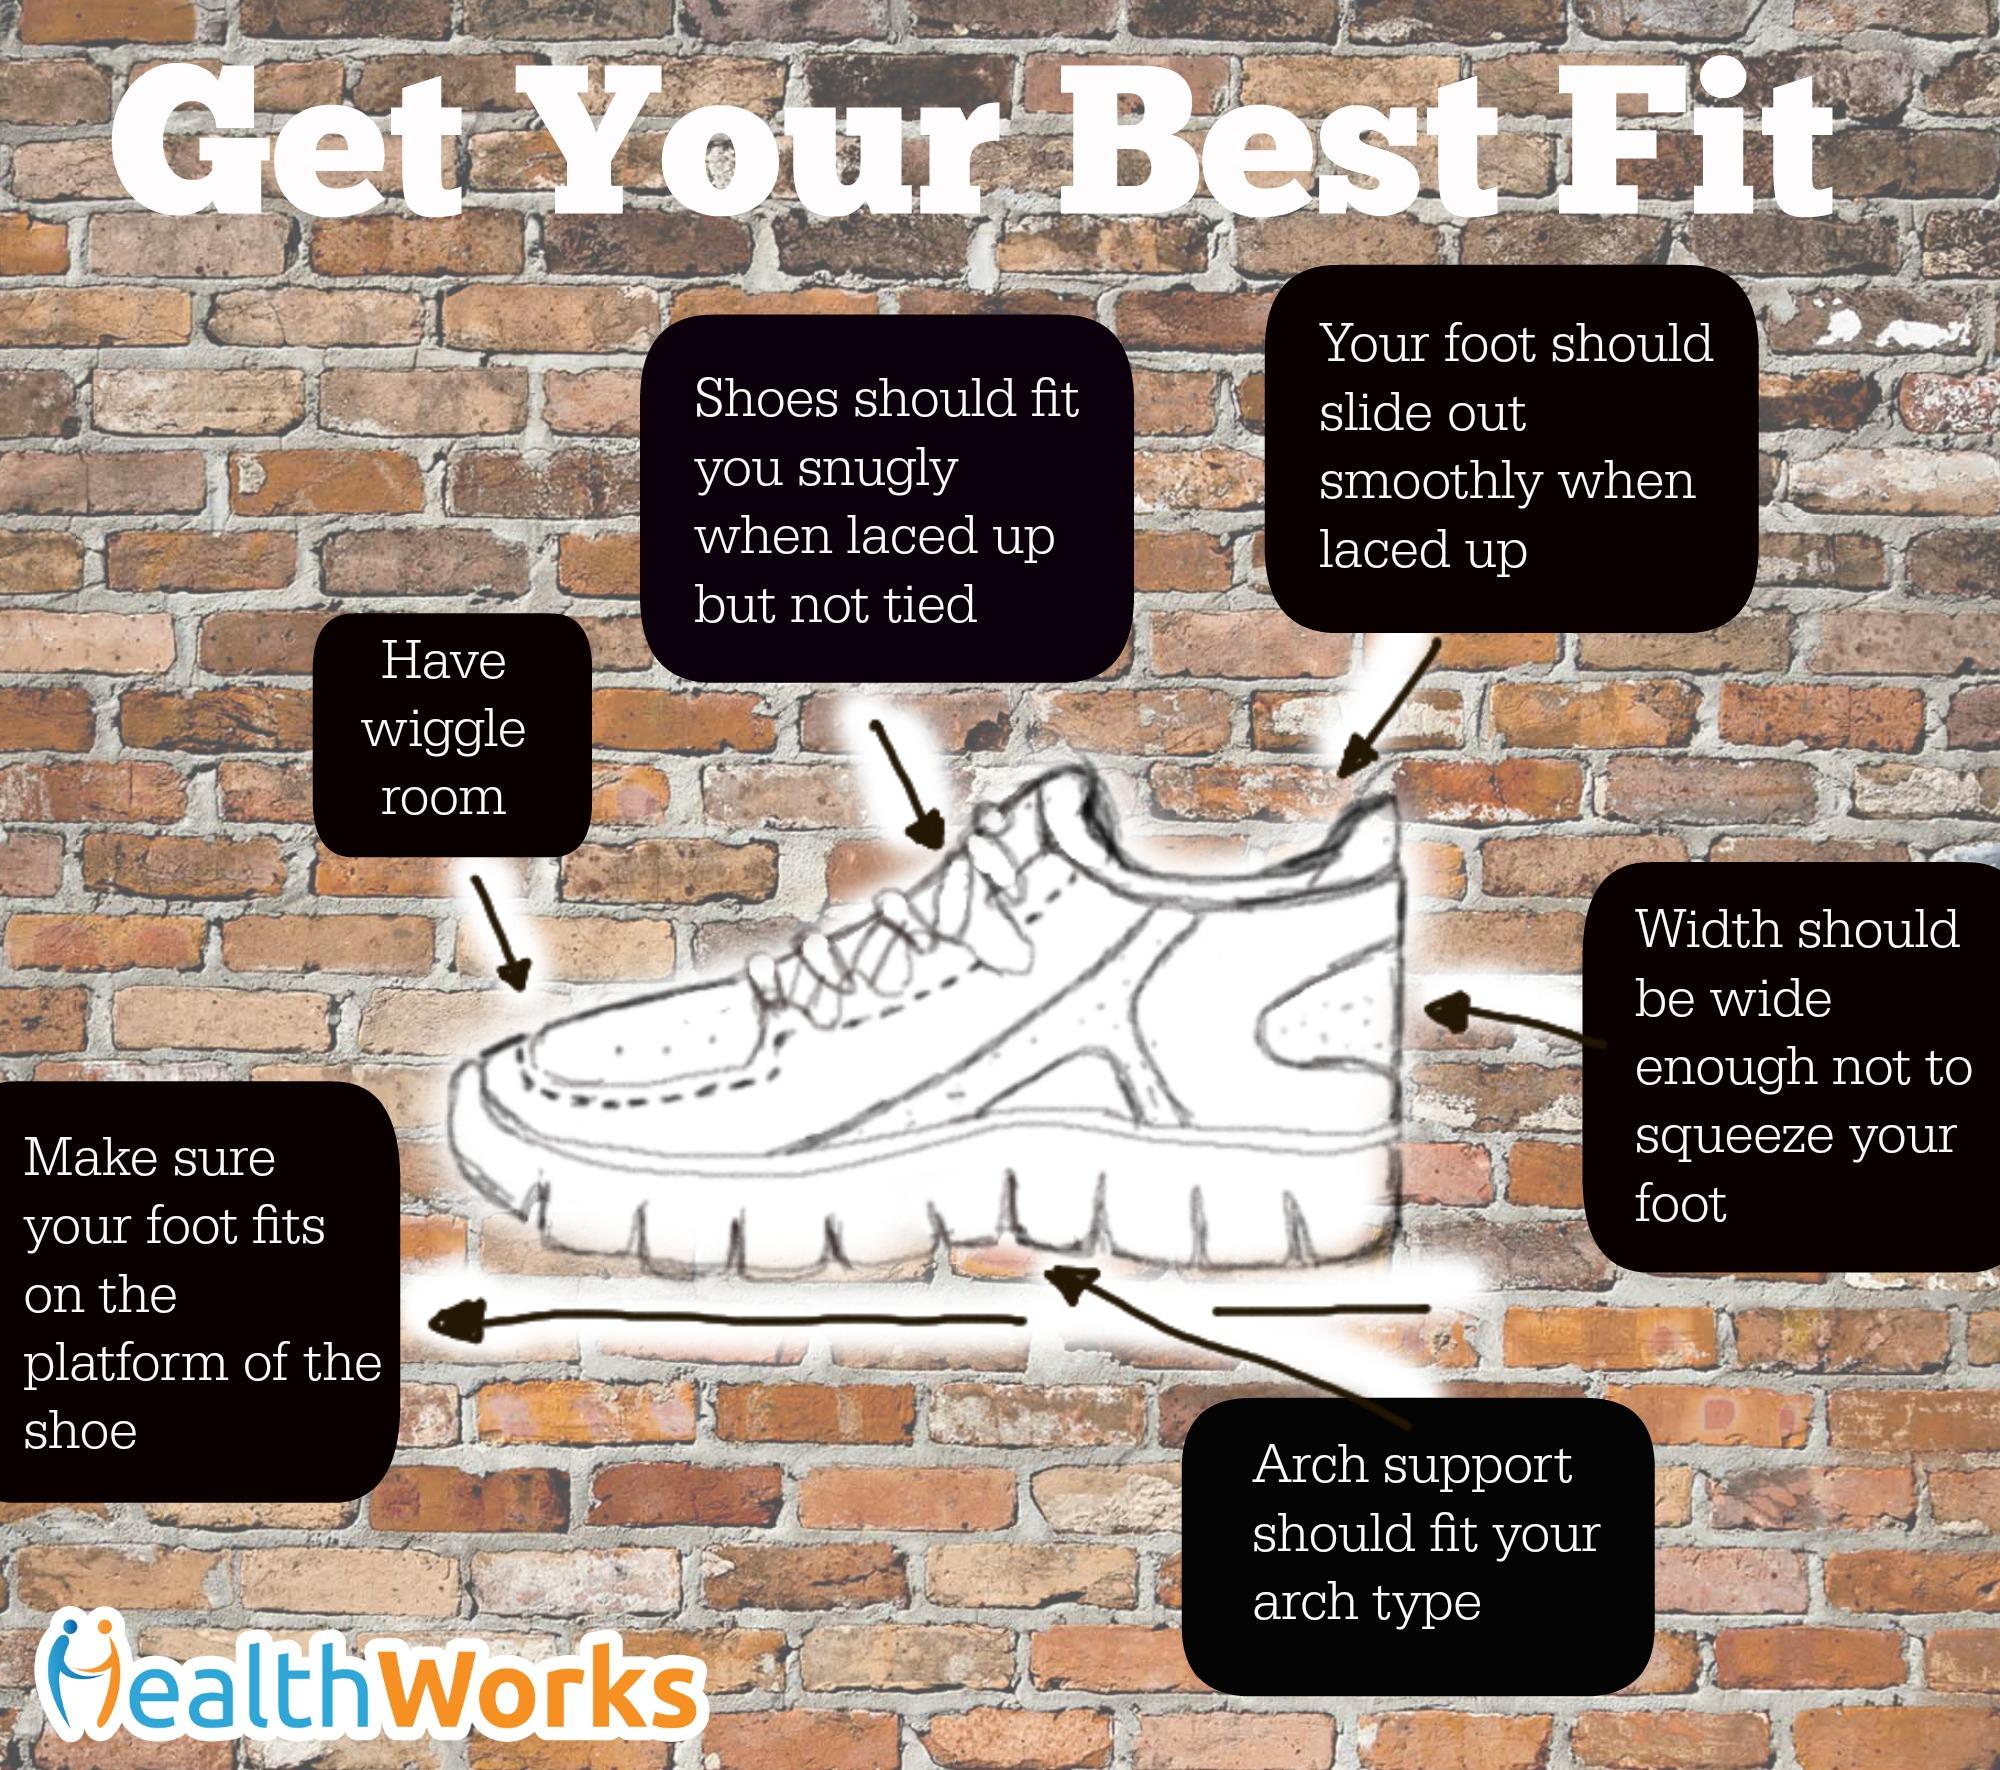 healthworks shoe